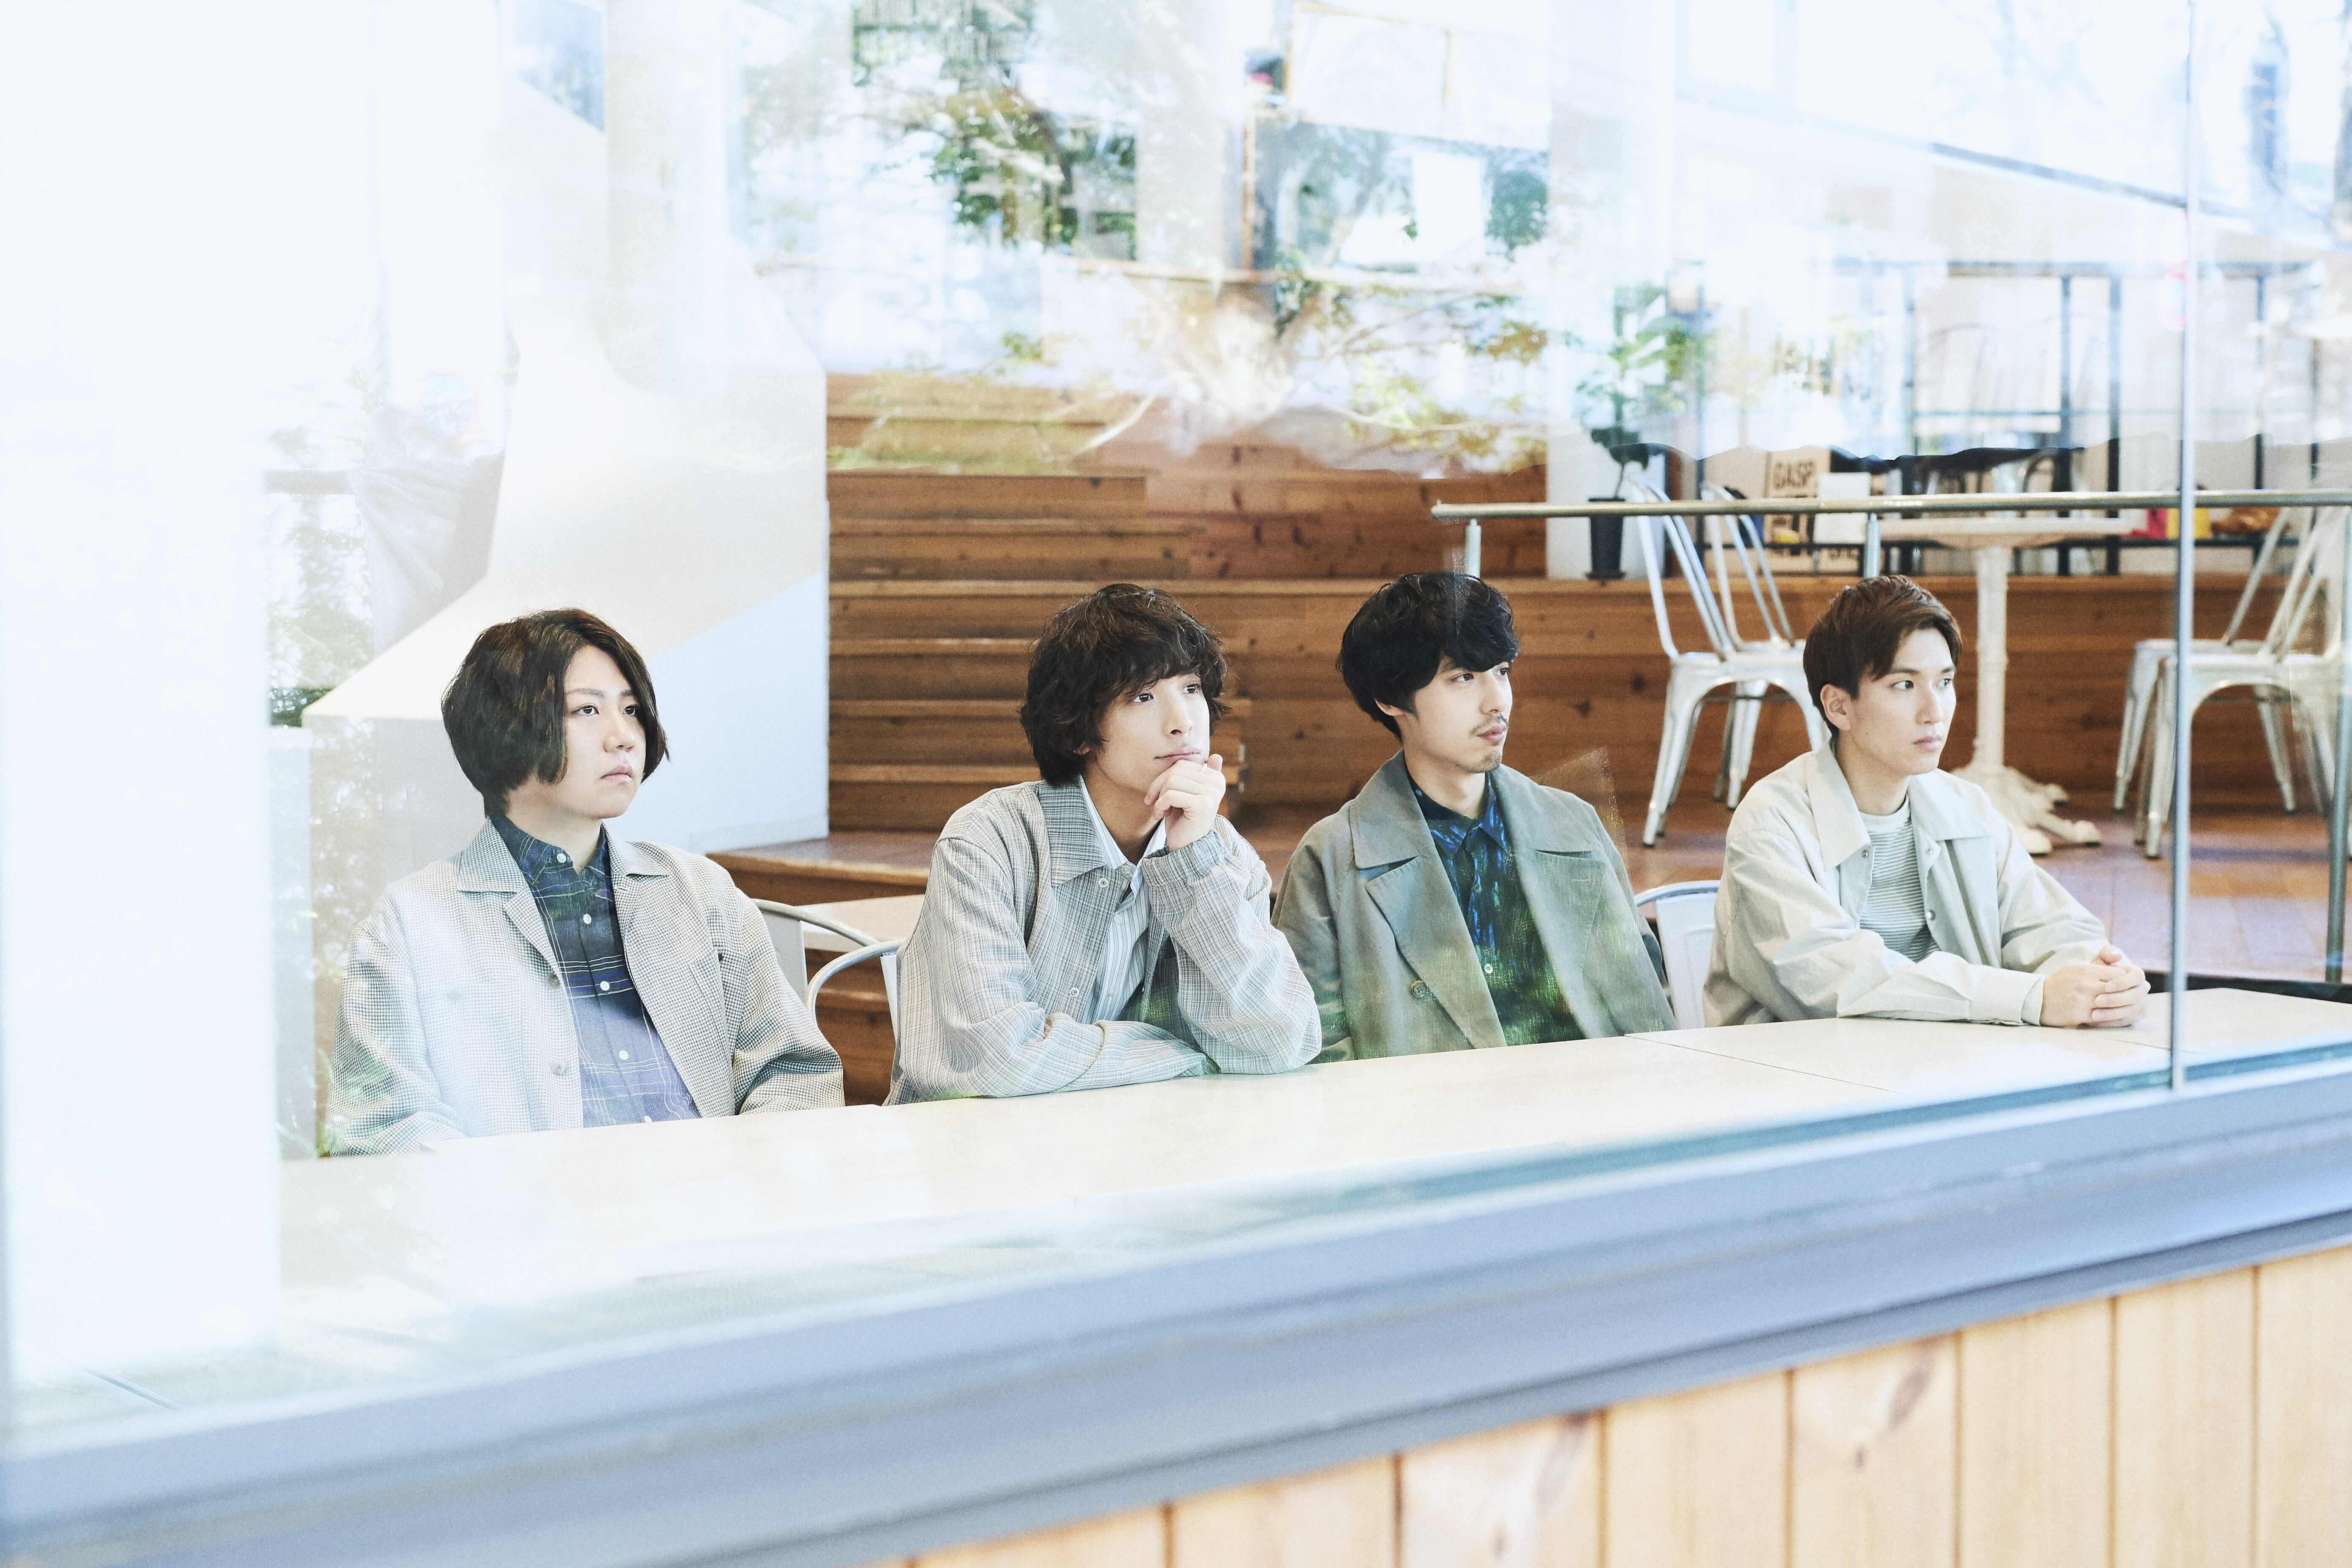 今注目の歌詞ランキング1位に輝いたのはSHE'Sのニューアルバム収録曲!amazarashiらも初登場